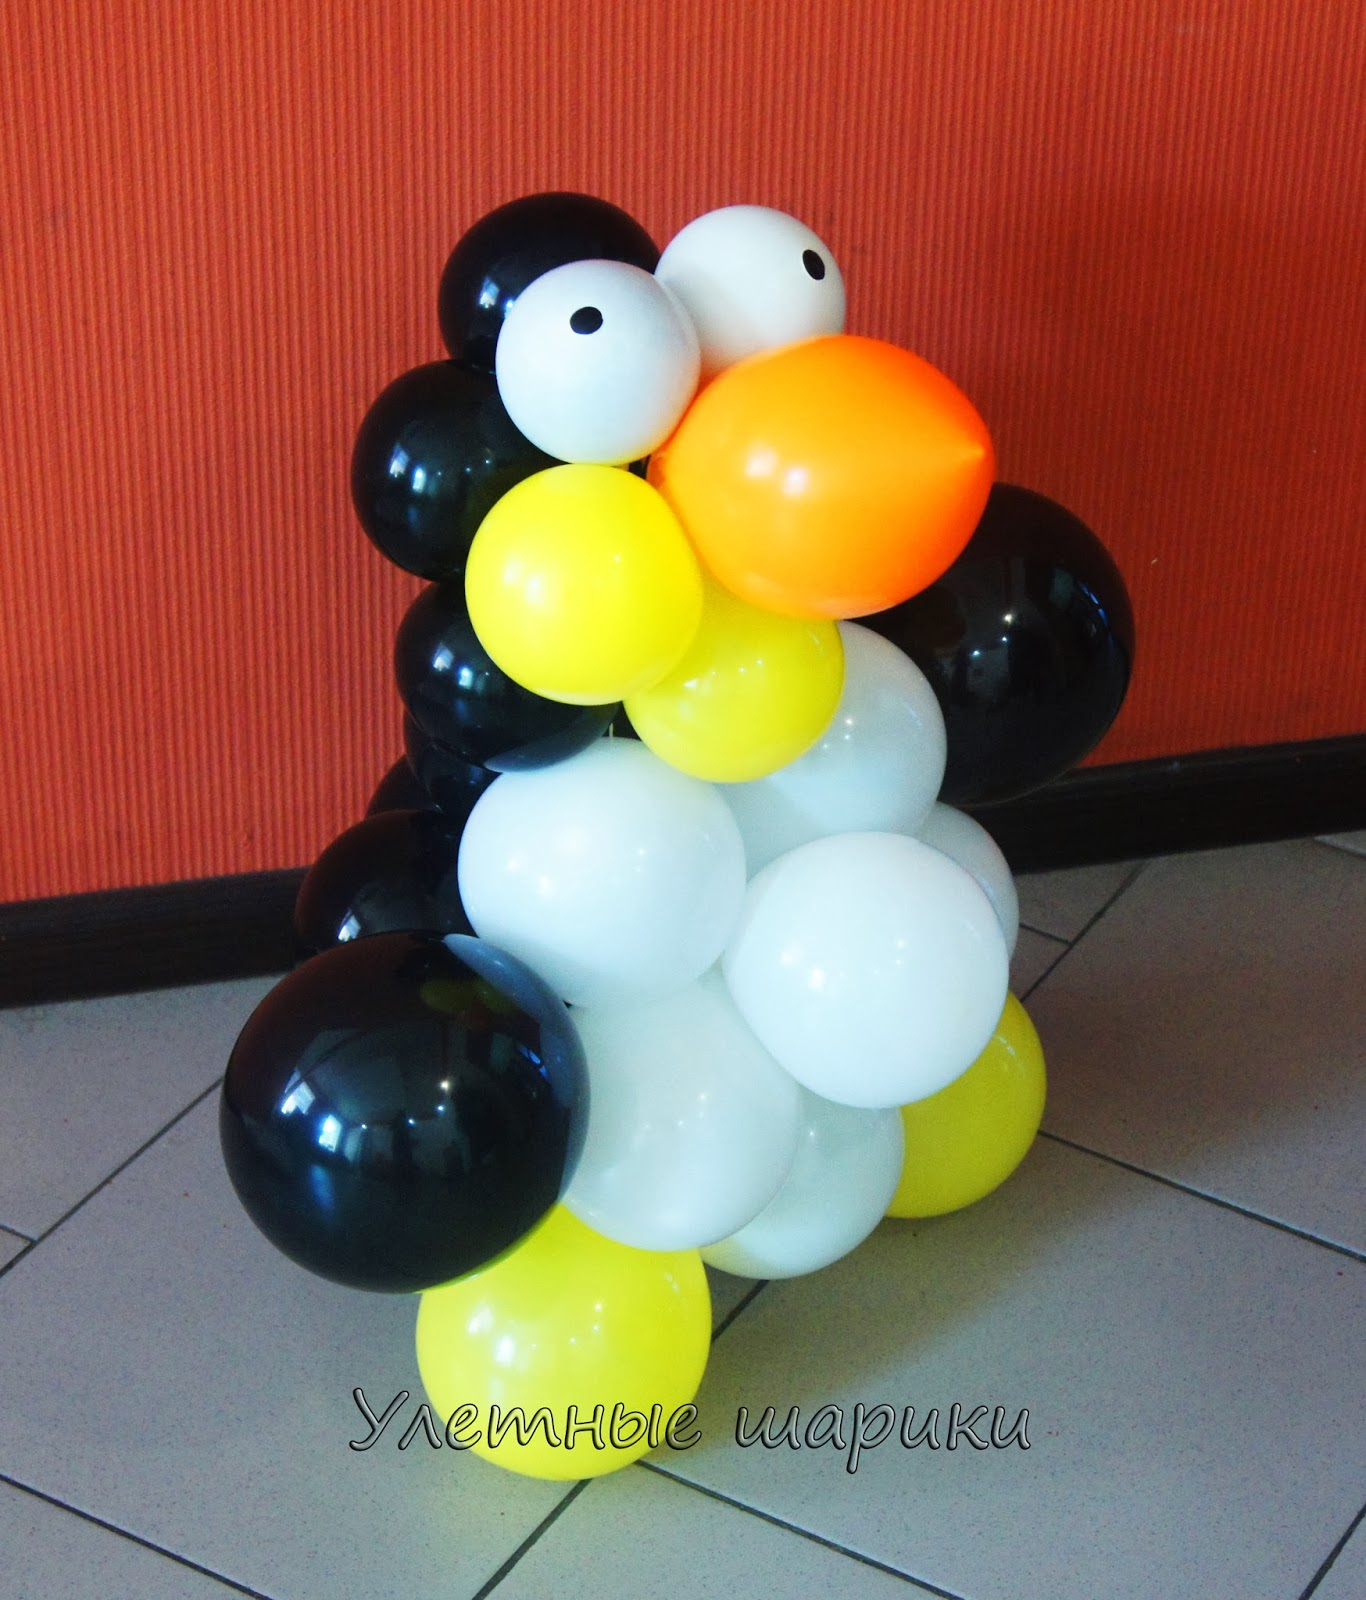 Пингвин из воздушных шариков